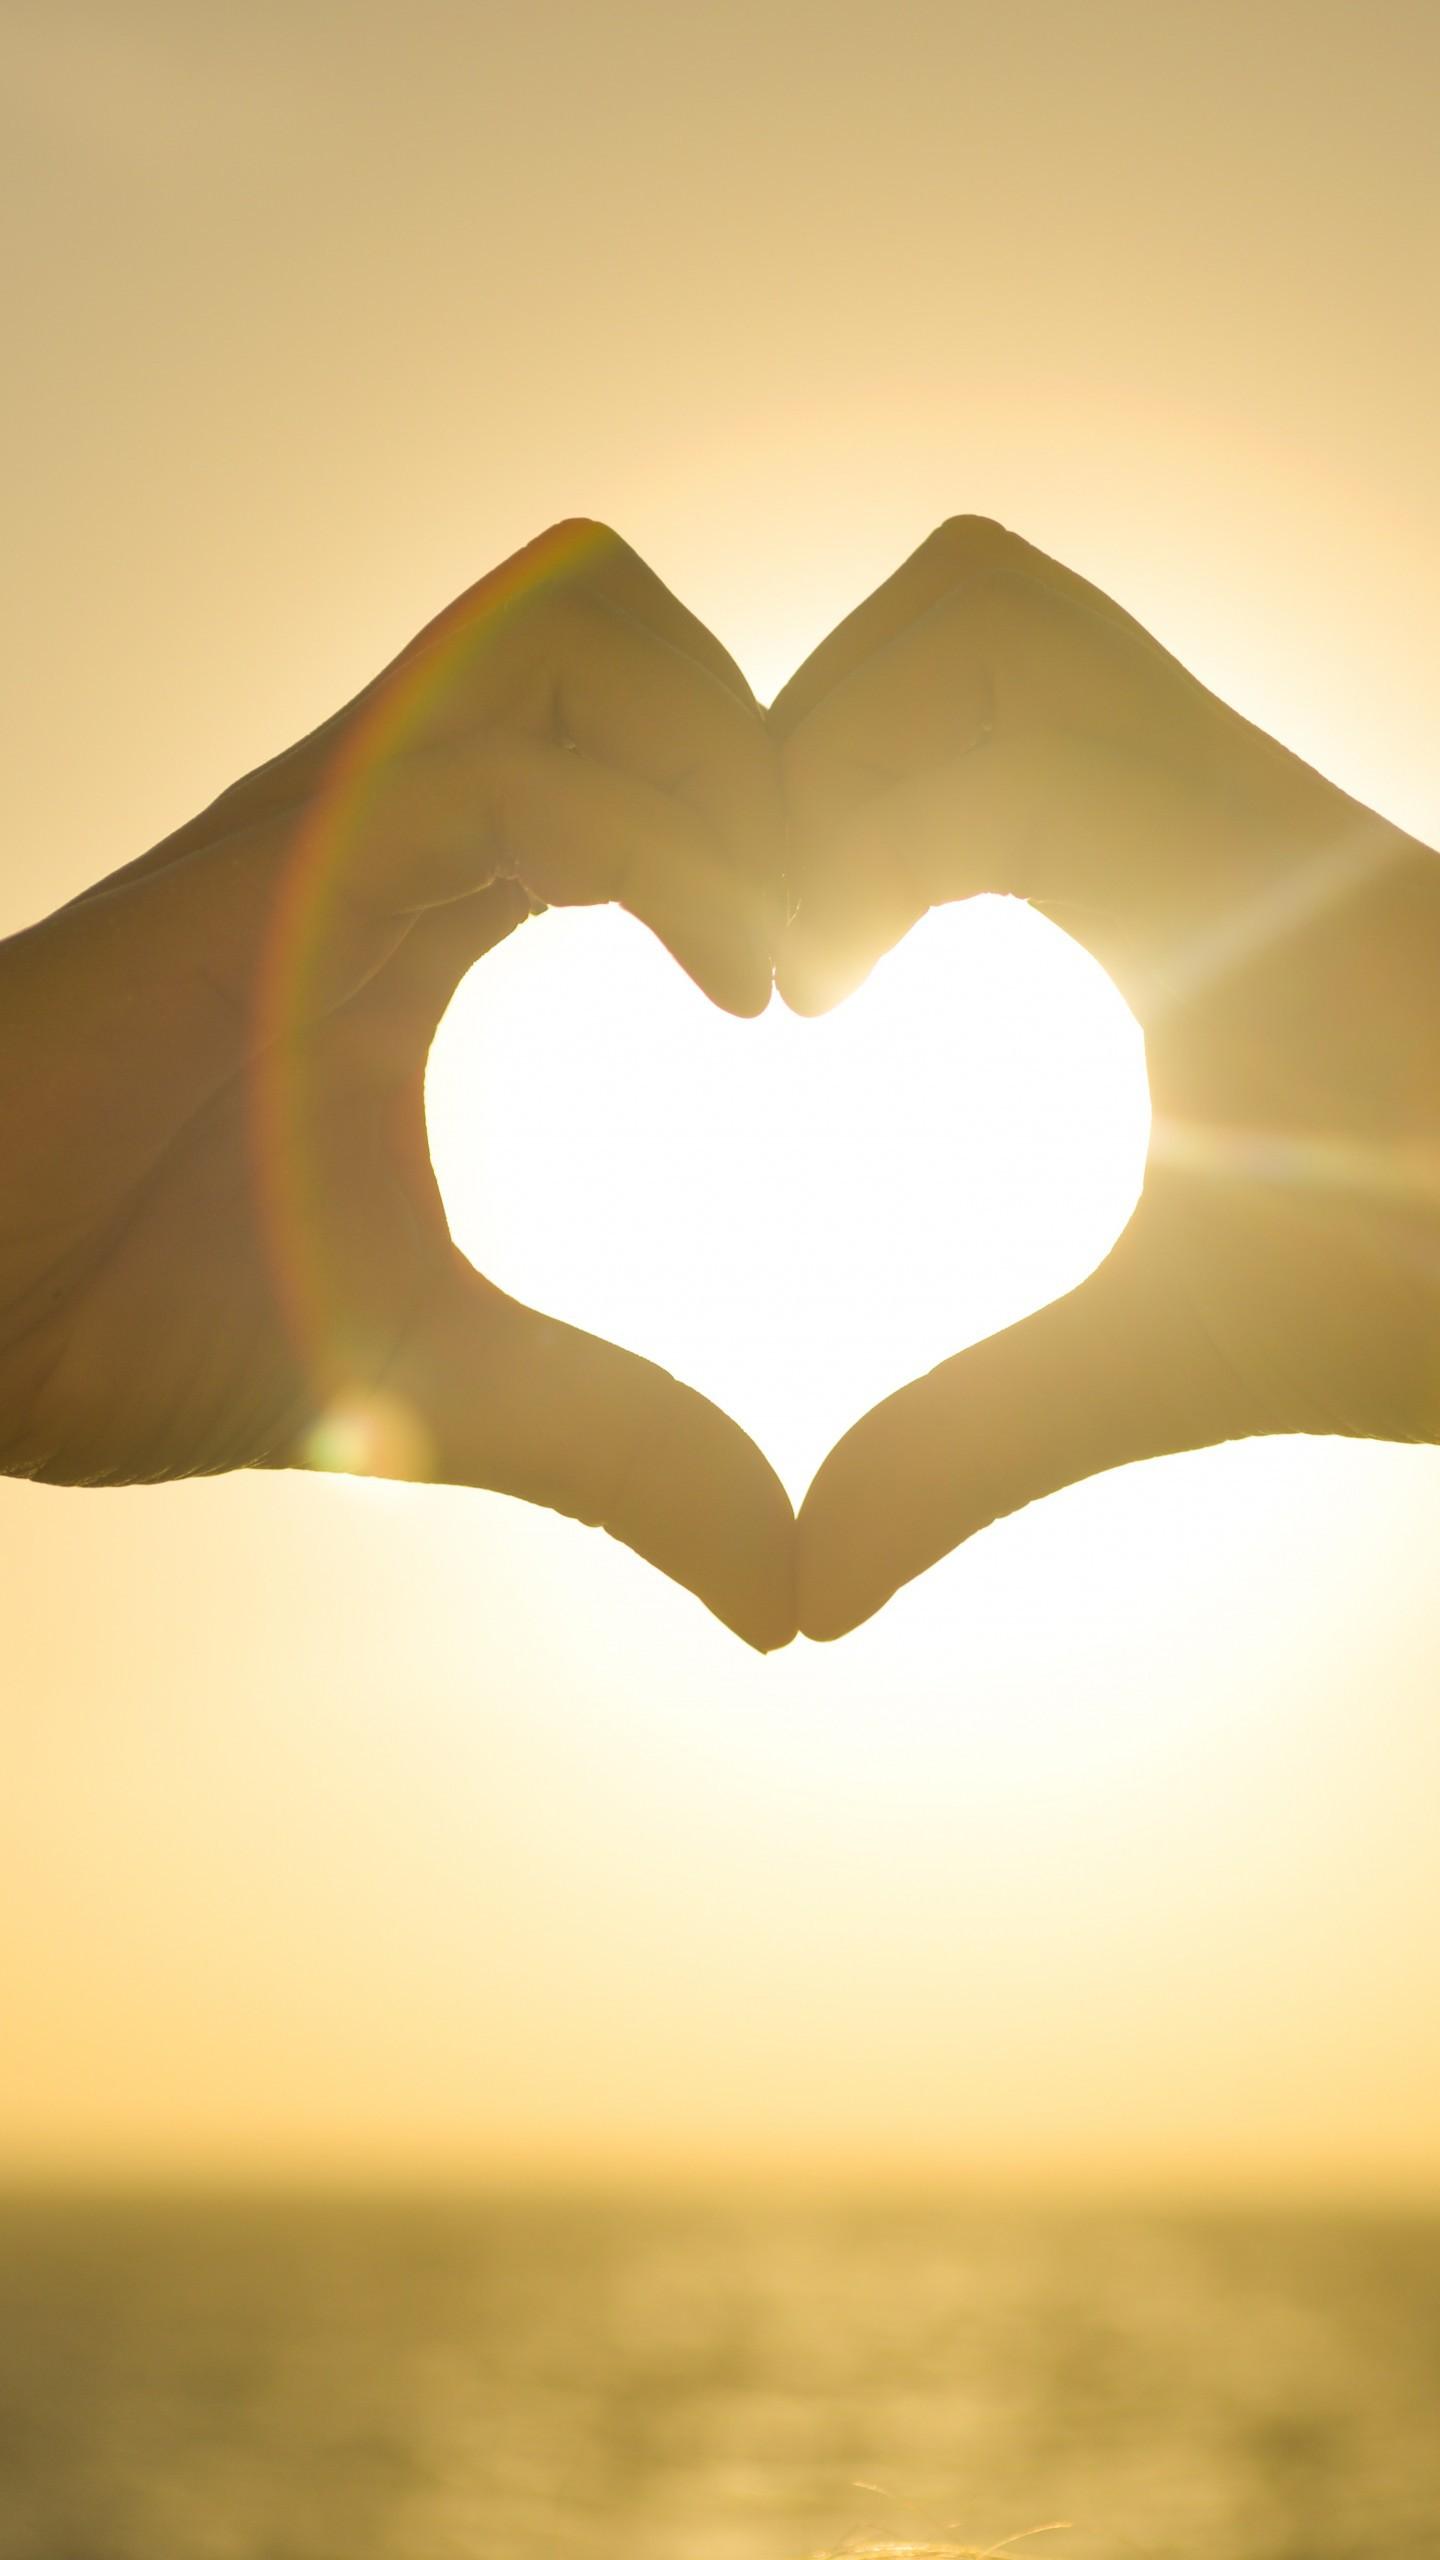 عکس زمینه دست های عشاق به شکل قلب در طلوع خورشید پس زمینه